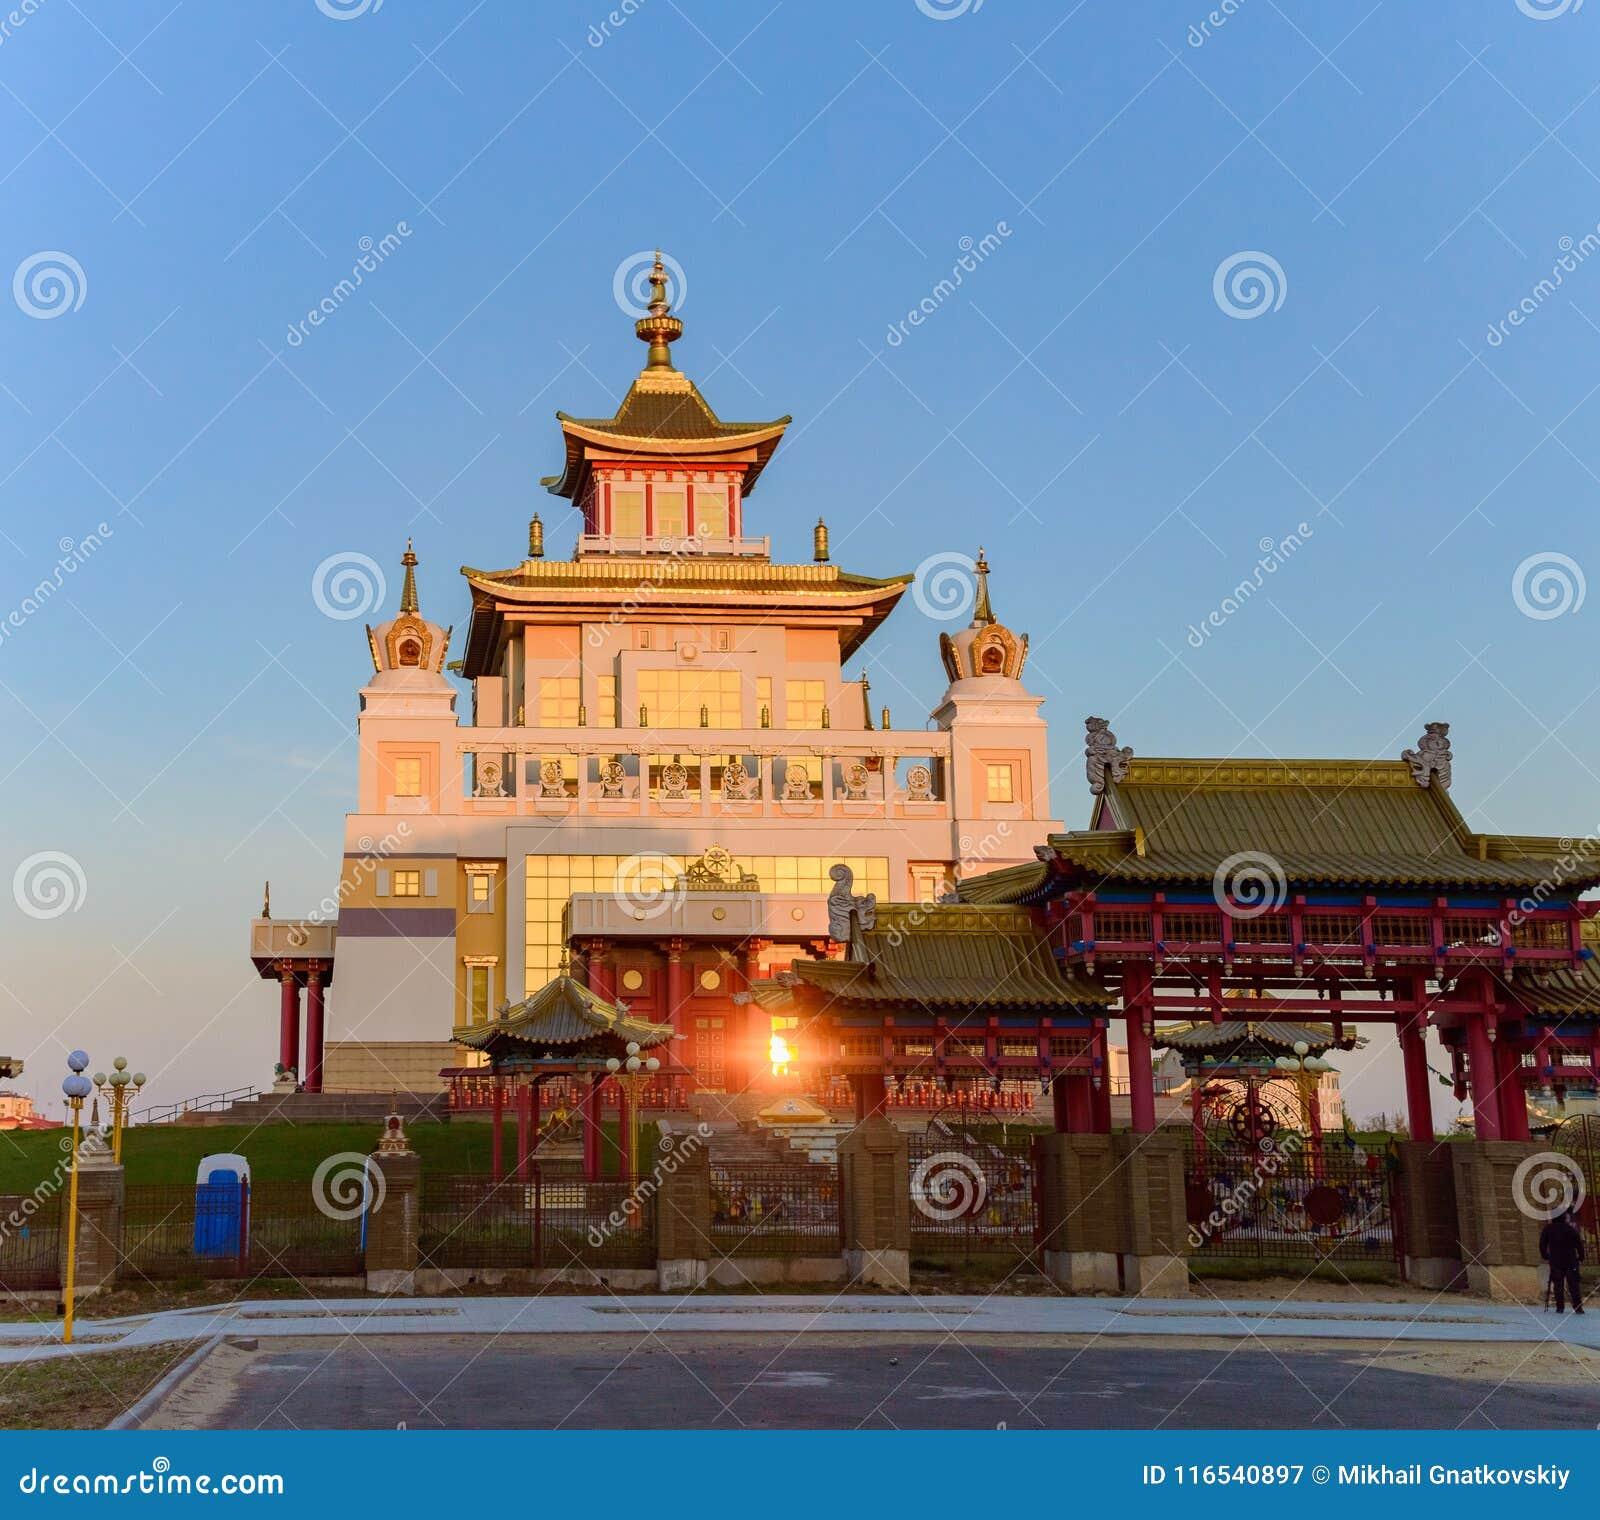 菩萨释伽牟尼在埃利斯塔,共和国佛教寺庙金黄住宅卡尔梅克共和国,俄罗斯